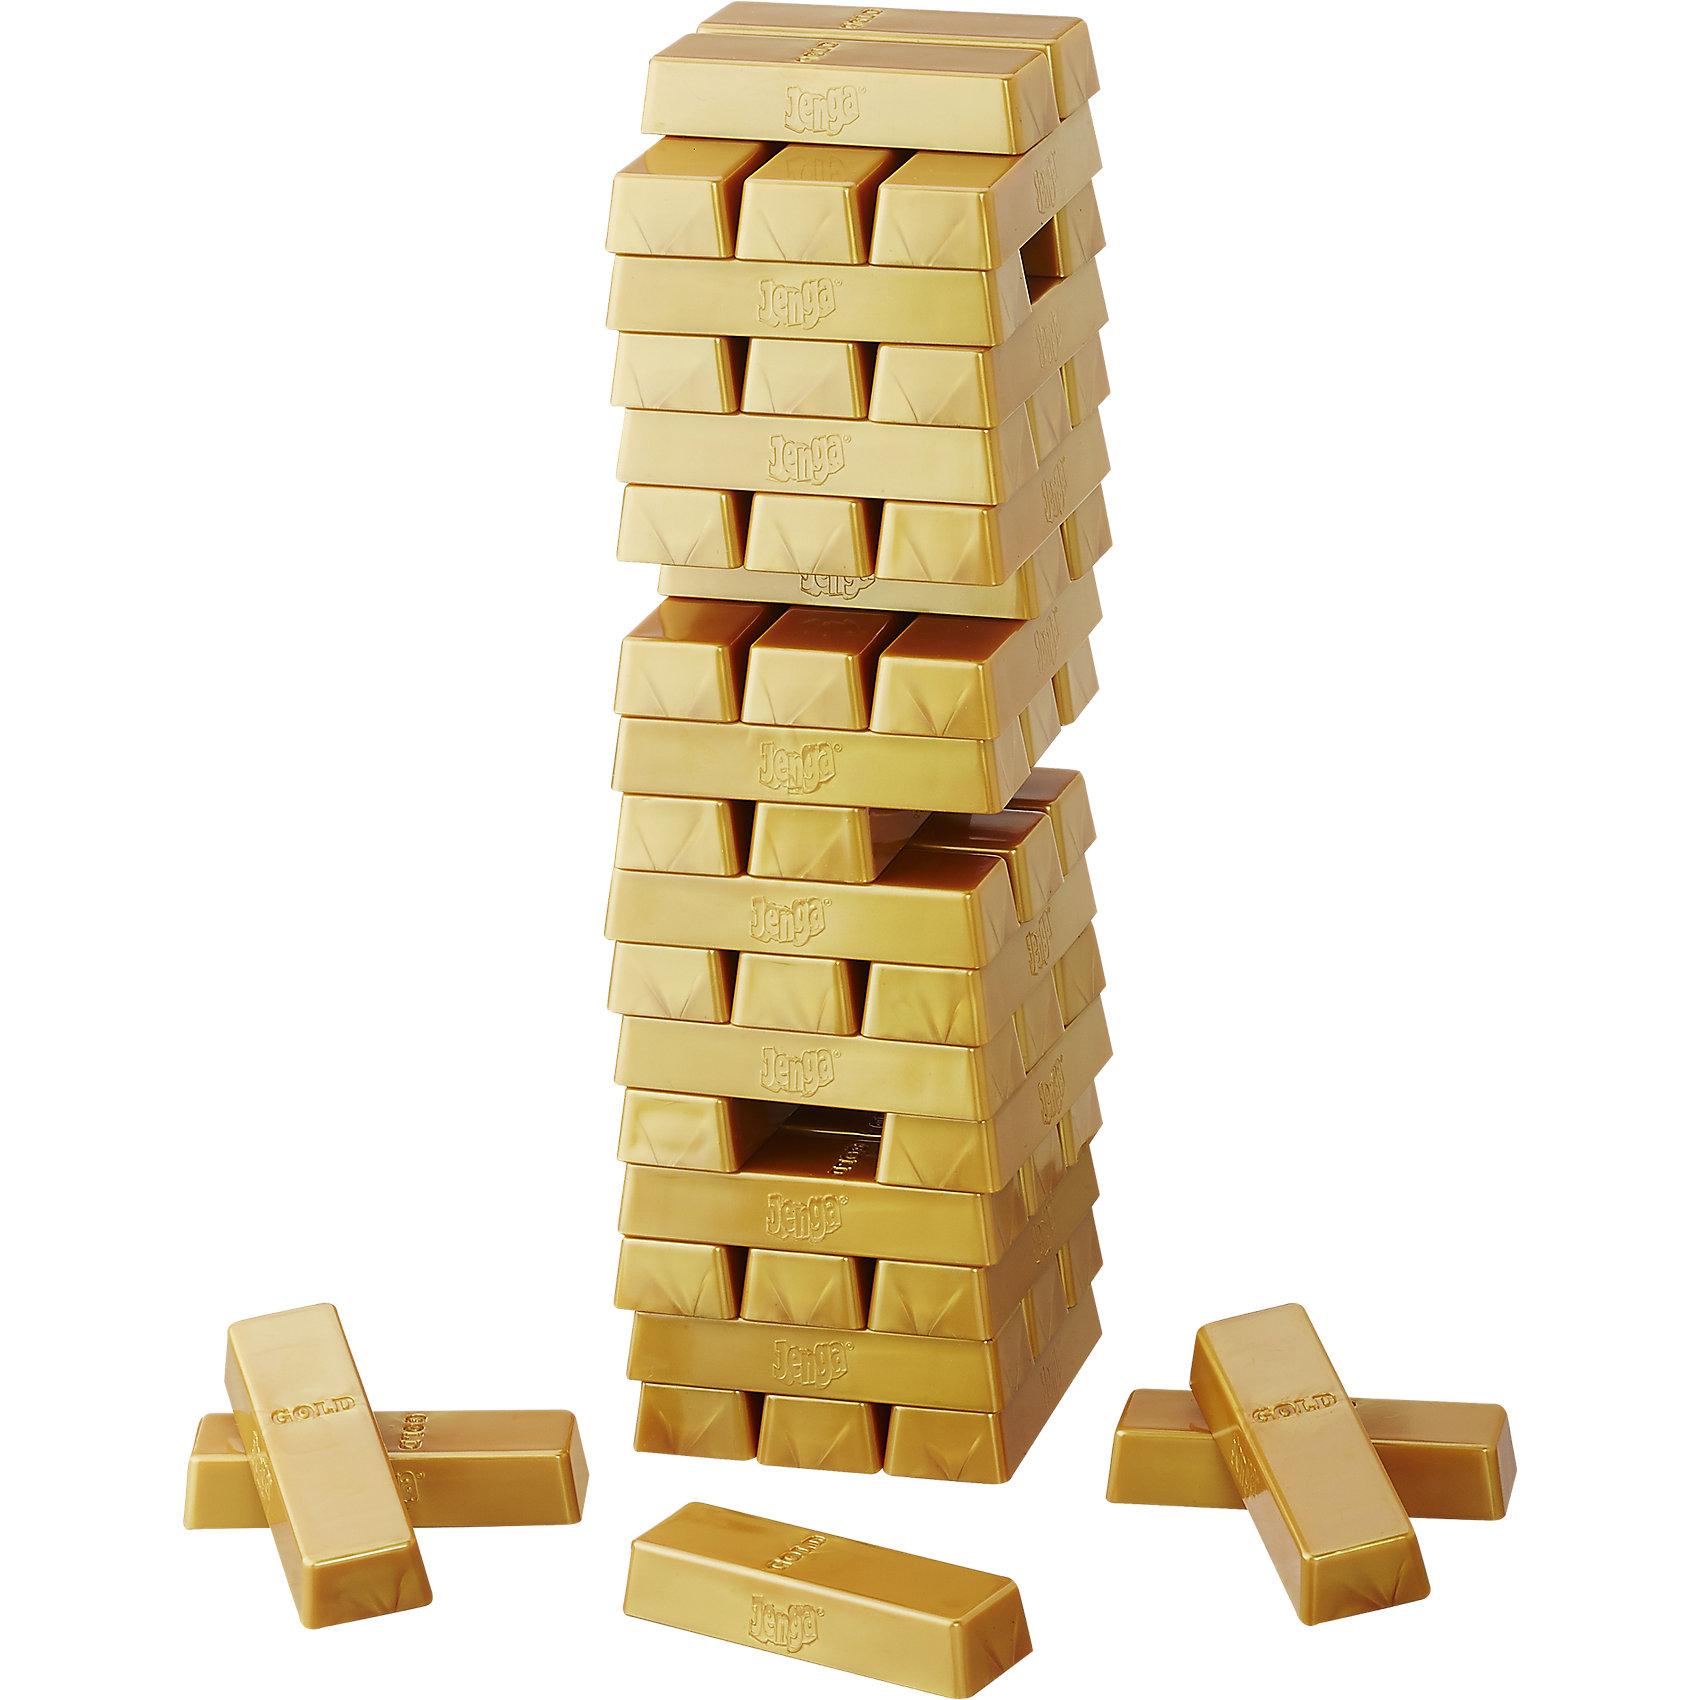 Игра Дженга Голд, HasbroДженга Голд от компании Hasbro - это замечательная настольная игра из серии Дженга, к которой одинаковый интерес проявят и дети, и взрослые. Перед началом игры следует правильно сложить блоки, руководствуясь инструкцией, а затем уже начнется сам игровой процесс. Смысл в том, чтобы вытаскивать небольшие блоки из середины конструкции, при этом не уронив башню. Игрок, который вытащил блок золотого цвета и при этом развалил конструкцию проиграл.<br>Дженга предельно проста и понятна, поэтому даже ребенку не составит труда научиться играть в нее. Но не все так легко, как может показаться на первый взгляд... Сначала игроки строят башню из имеющихся брусочков-кирпичиков. Потом по одному вынимают их из нее и кладут сверху так, чтобы башня устояла. С каждым последующим ходом игра становится все сложнее, но тем еще и интереснее. Чтобы выиграть, придется проявить свою аккуратность, точность движений, терпение, смекалку и сноровку. Игрок, извлекший последний брусок, после которого башня упала - проигрывает.<br><br>Ширина мм: 272<br>Глубина мм: 187<br>Высота мм: 68<br>Вес г: 848<br>Возраст от месяцев: 72<br>Возраст до месяцев: 228<br>Пол: Унисекс<br>Возраст: Детский<br>SKU: 4707460